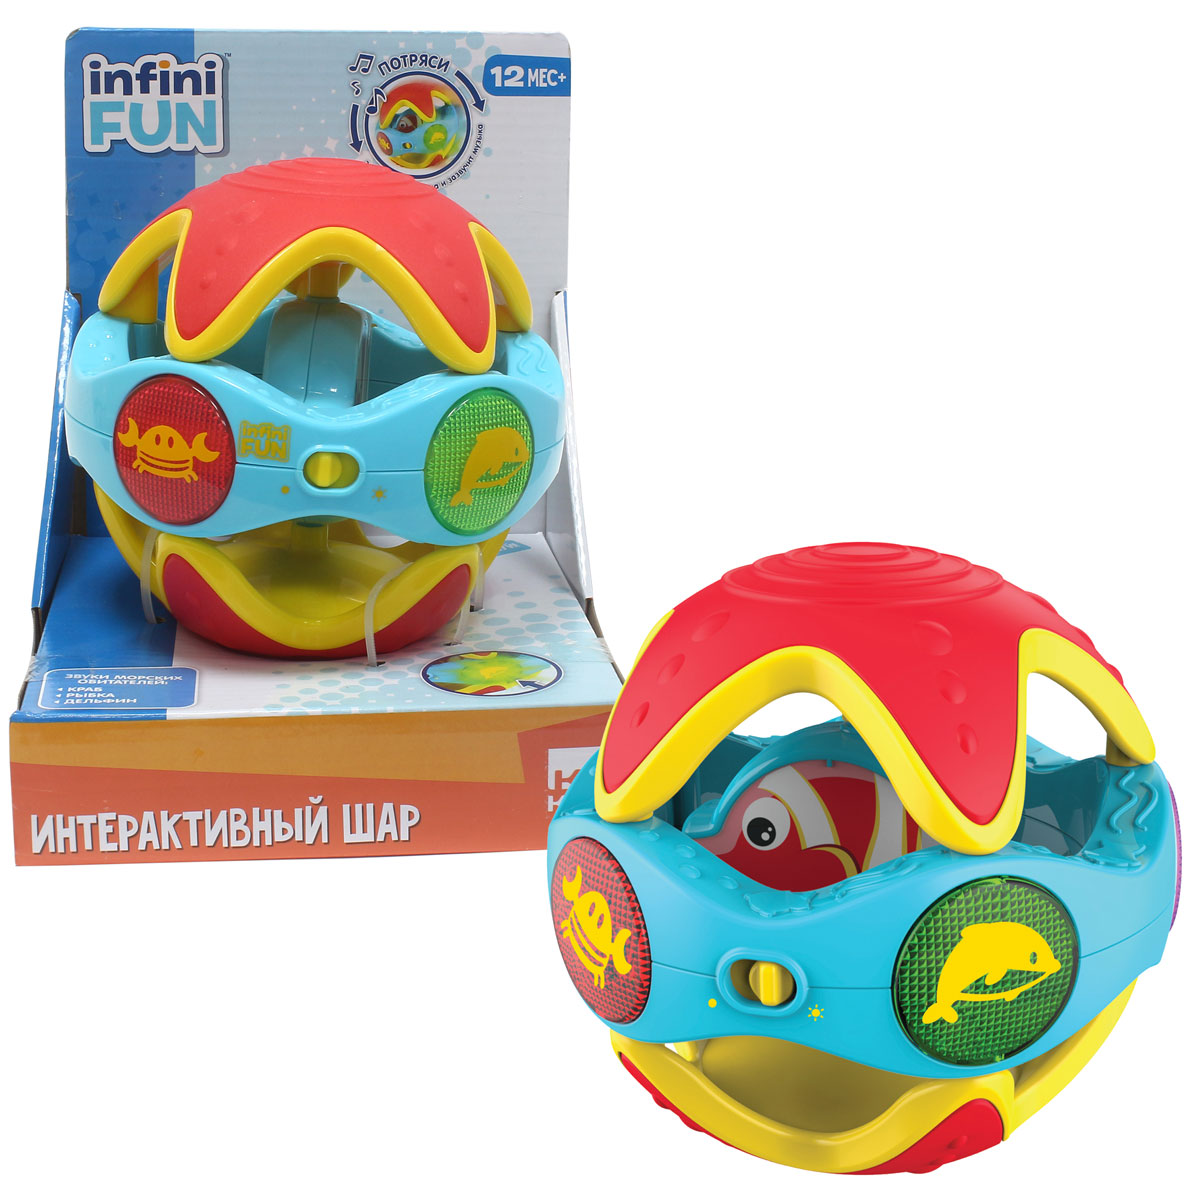 купить 1TOY Развивающая игрушка Kidz Delight Интерактивный шар по цене 634 рублей